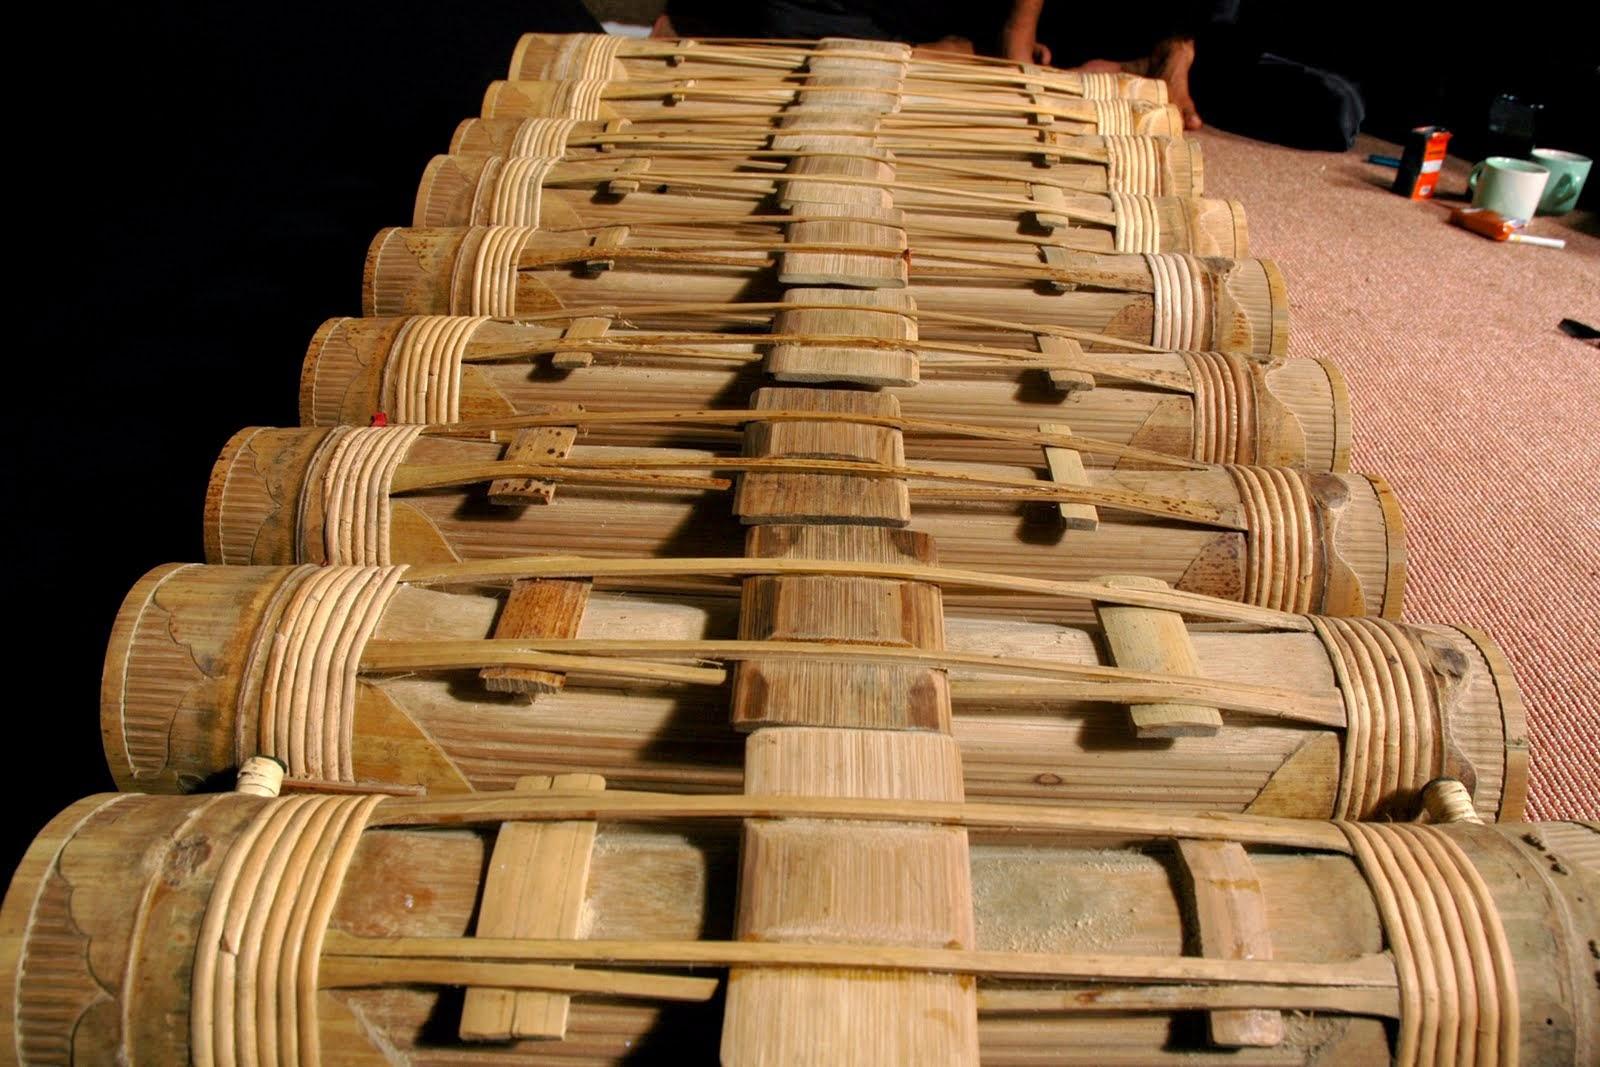 alat musik khas sunda karinding